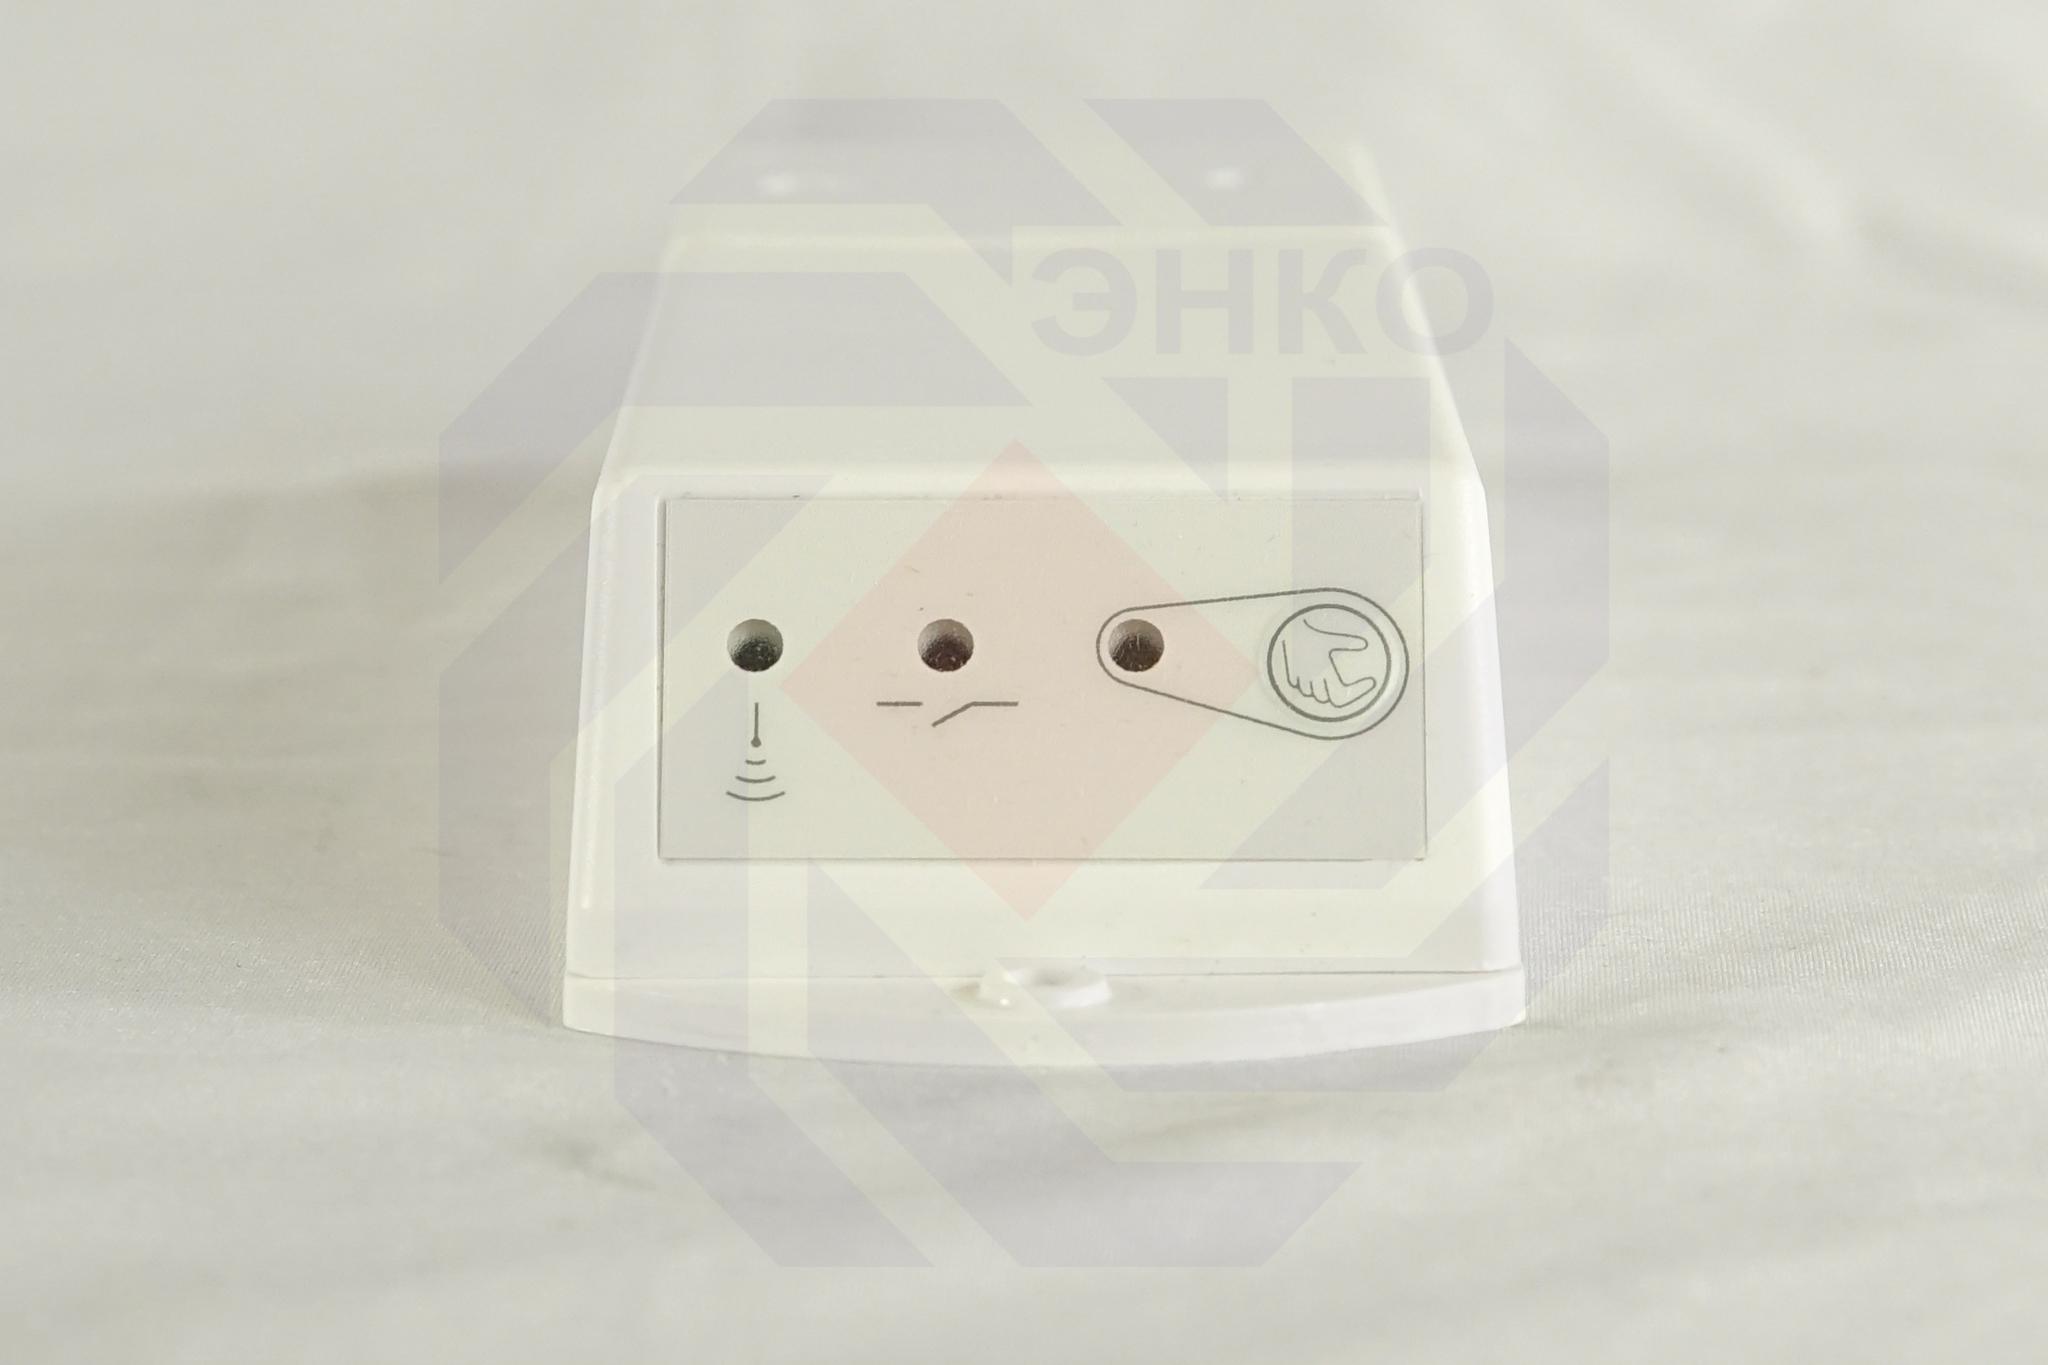 Радиомодуль комутационный WATTS EHRFR 001 SLAVE